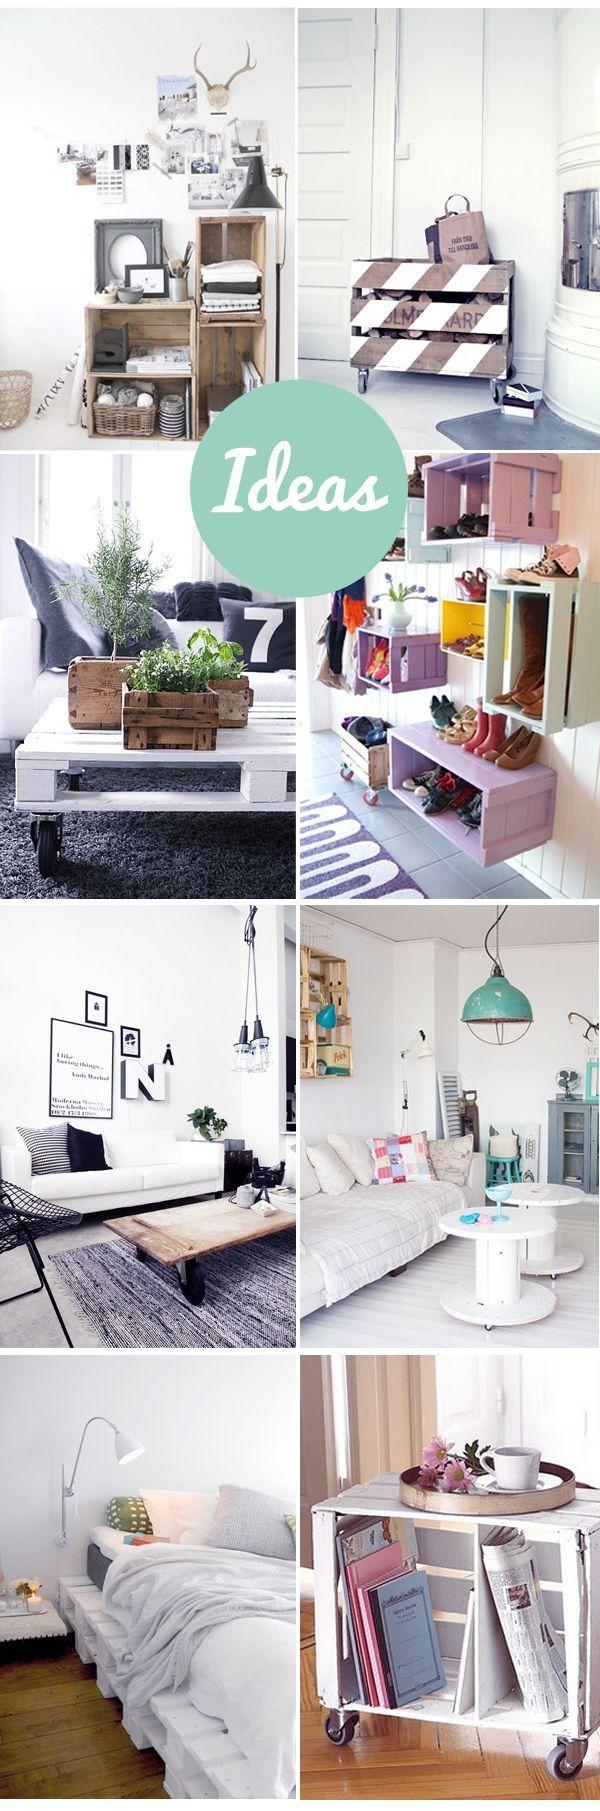 Muebles reciclados con cajas y palets de madera  Our first home